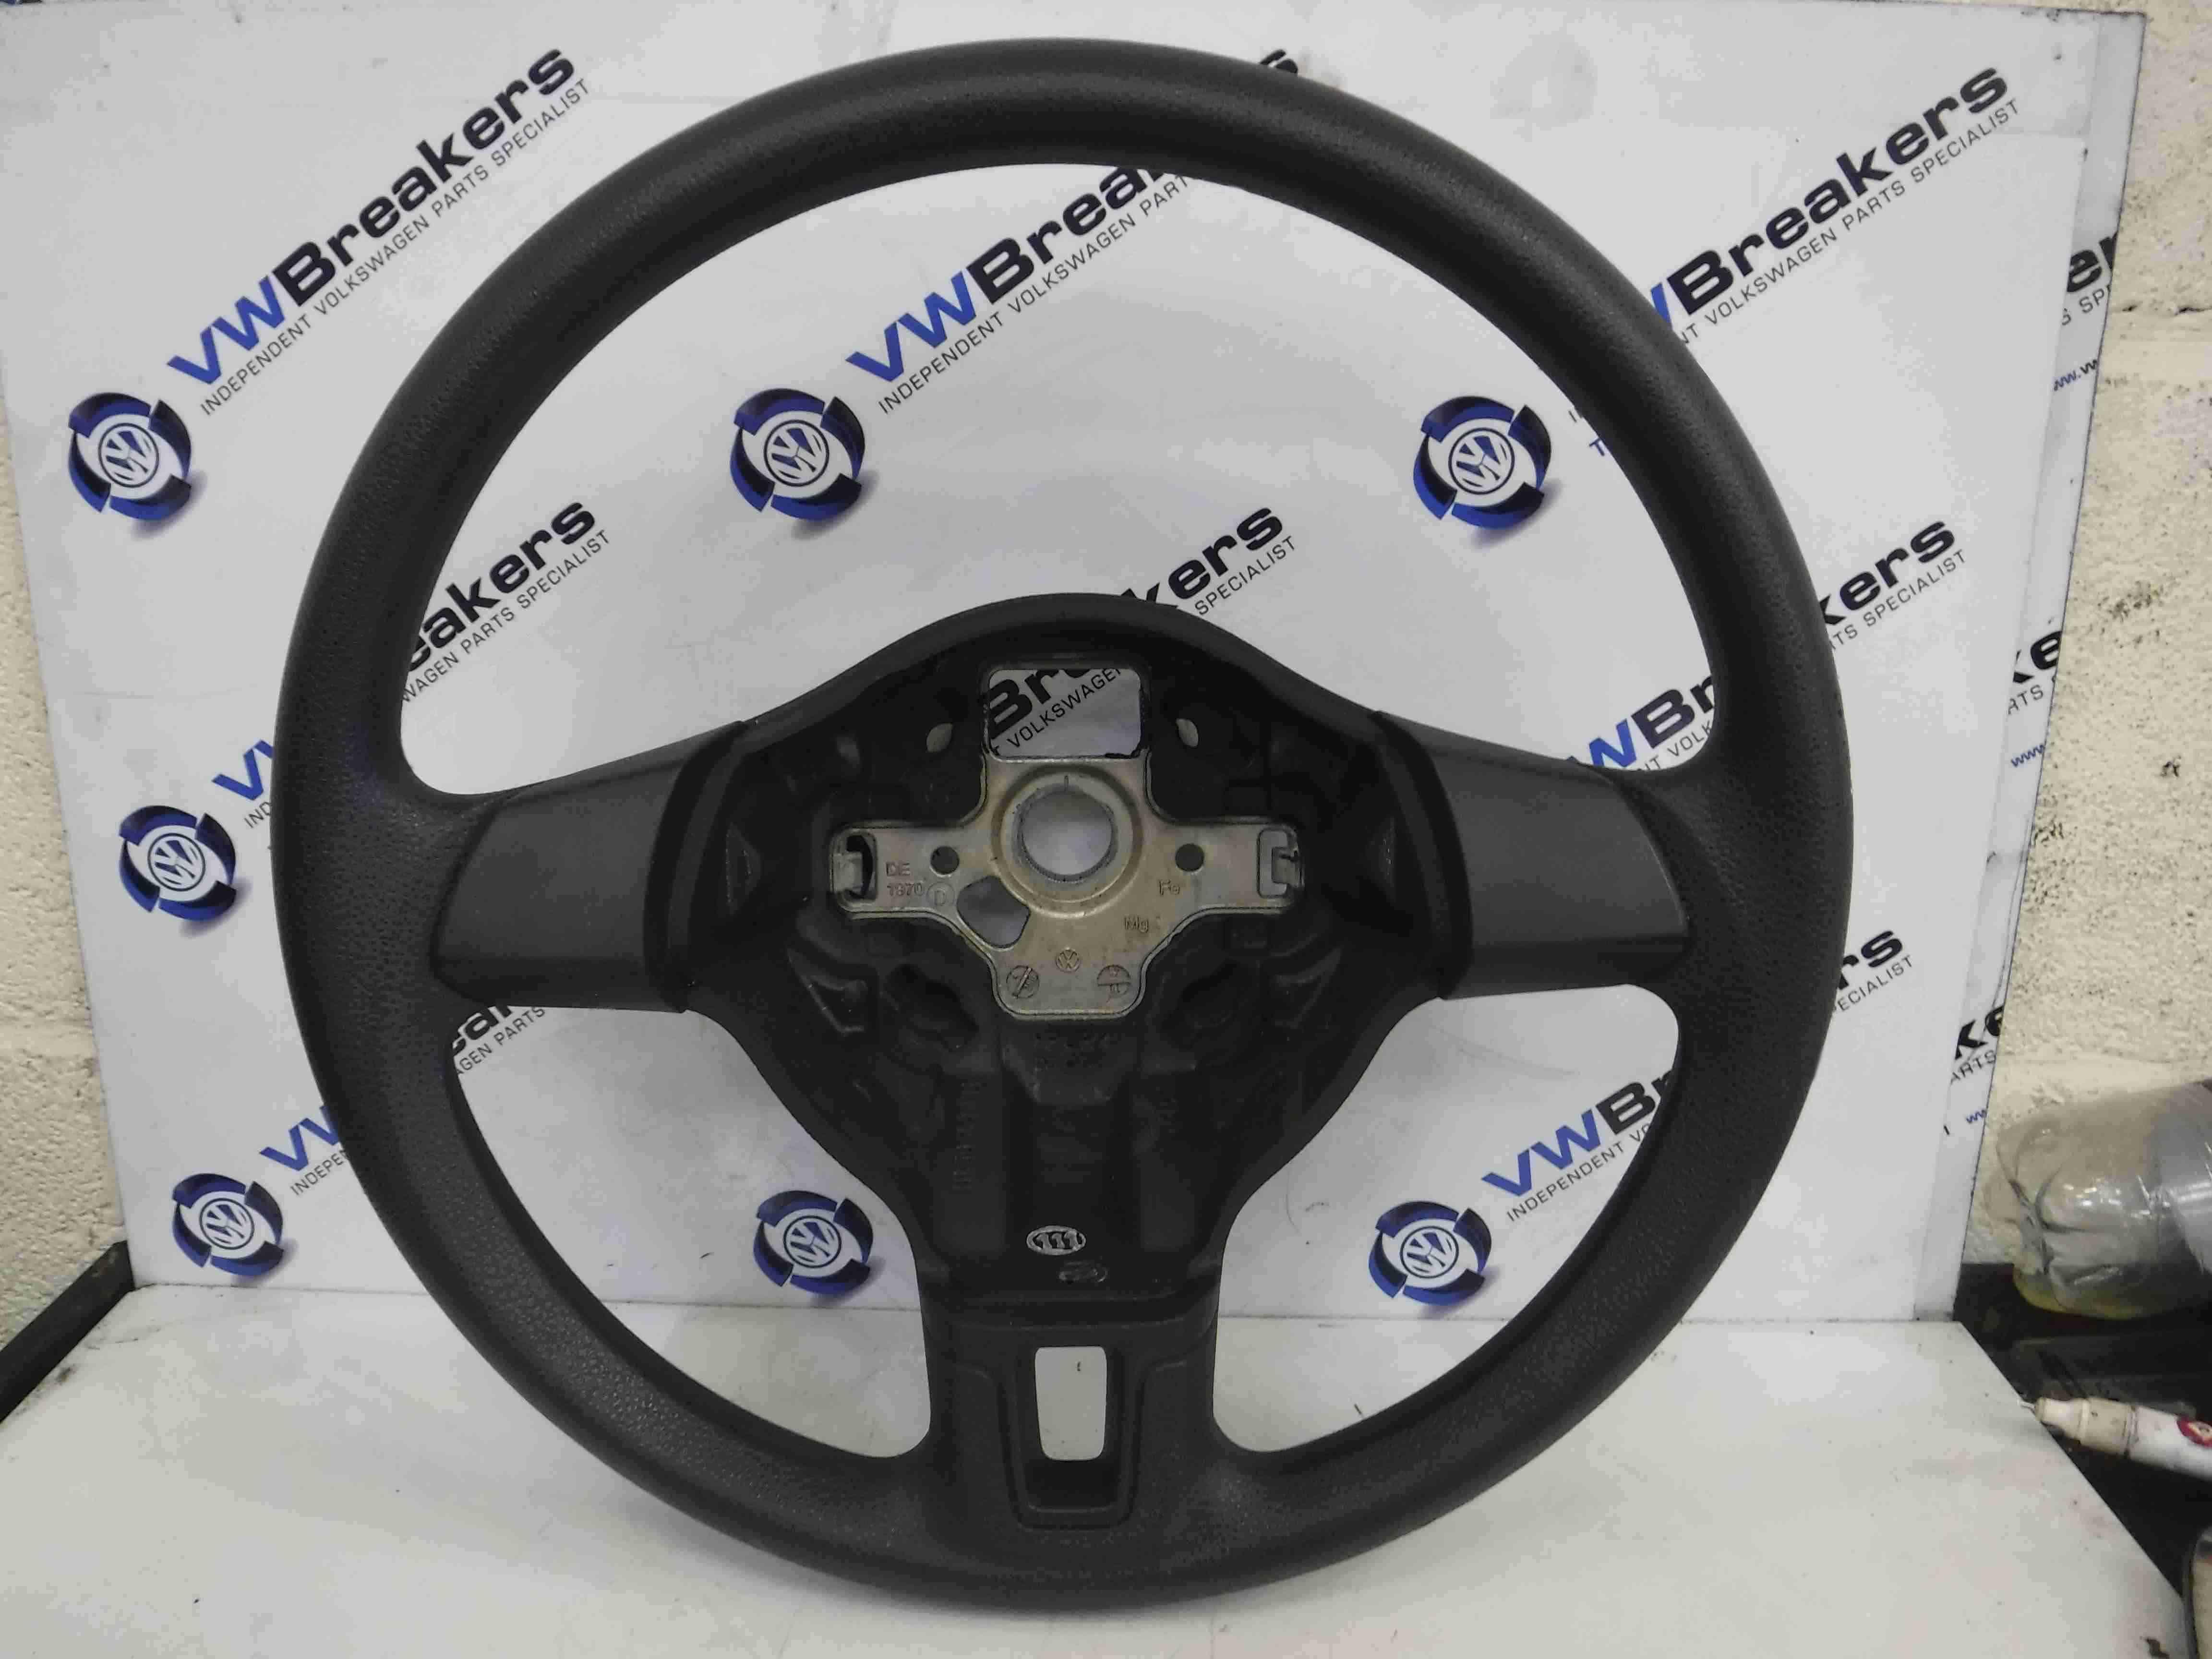 Volkswagen Golf MK6 2009-2012 Steering Wheel